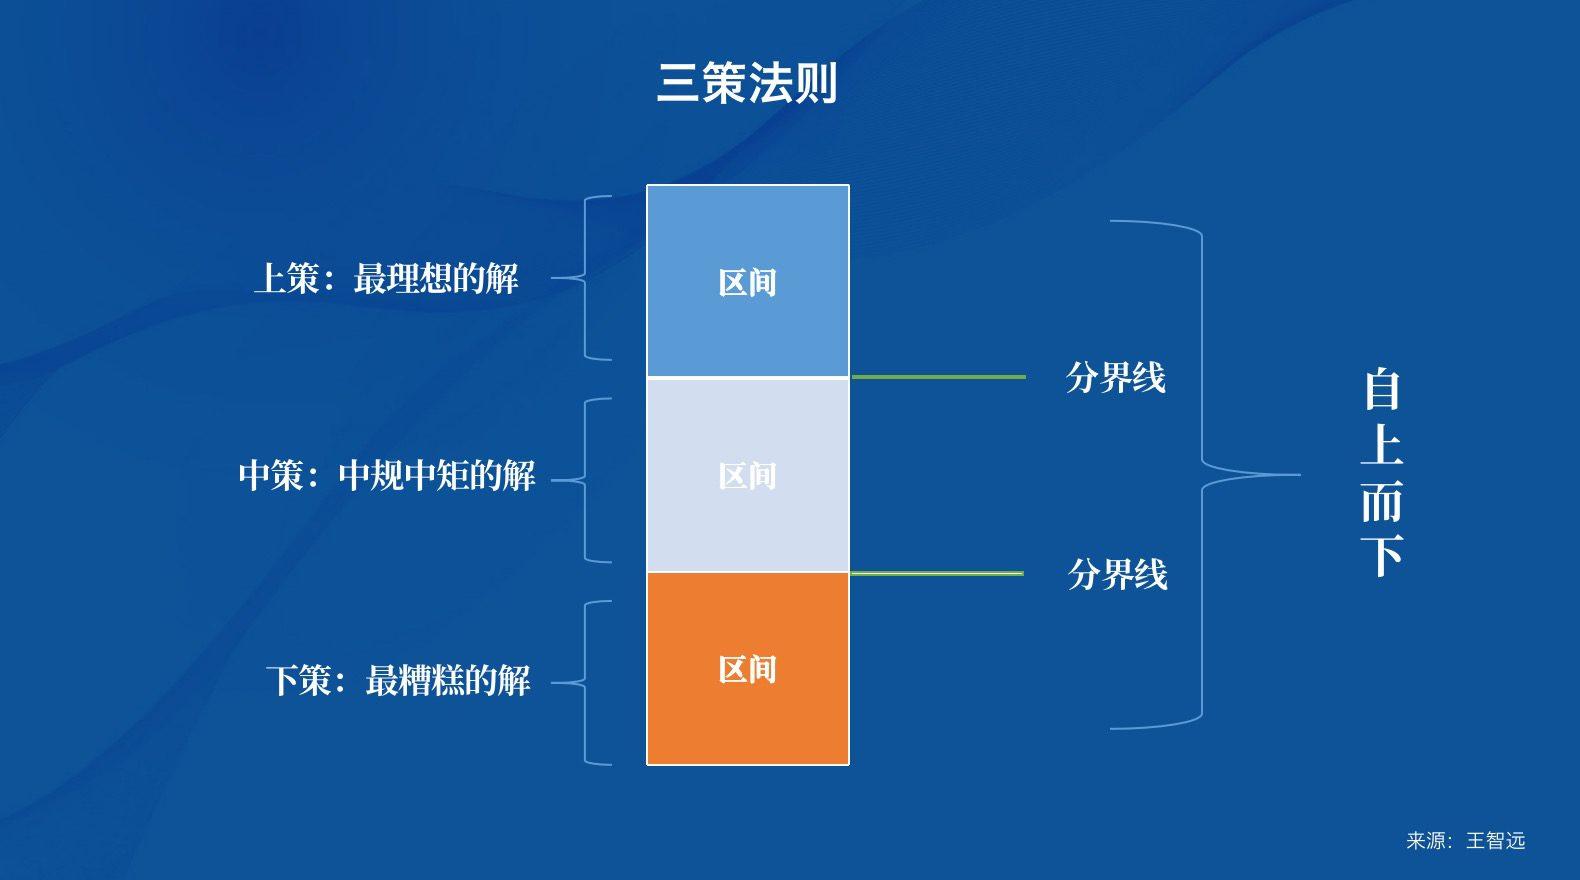 王智远:一套独立思考方法论